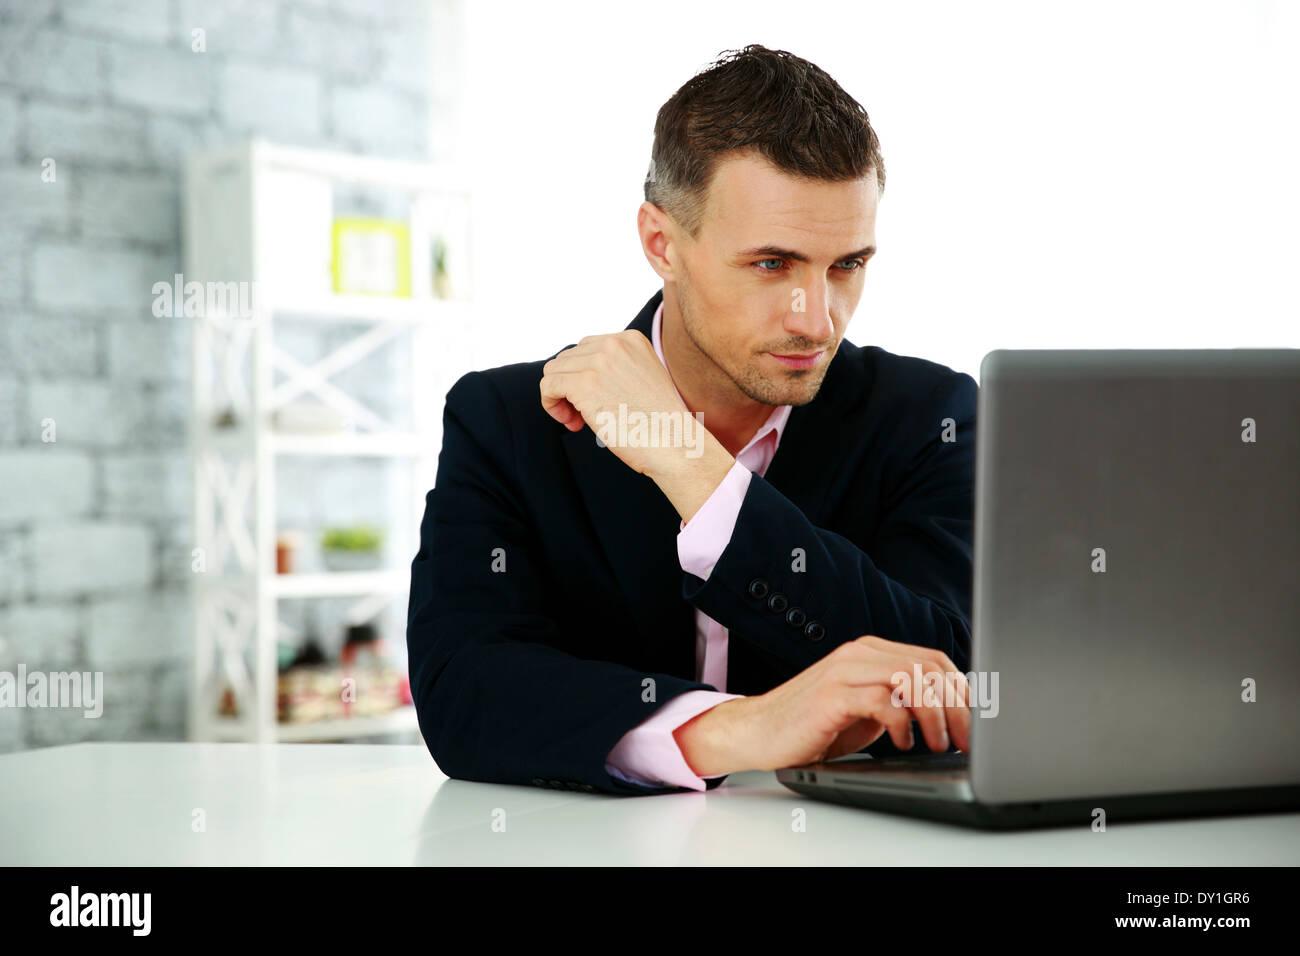 Fiducioso imprenditore lavora su un computer portatile in ufficio Immagini Stock